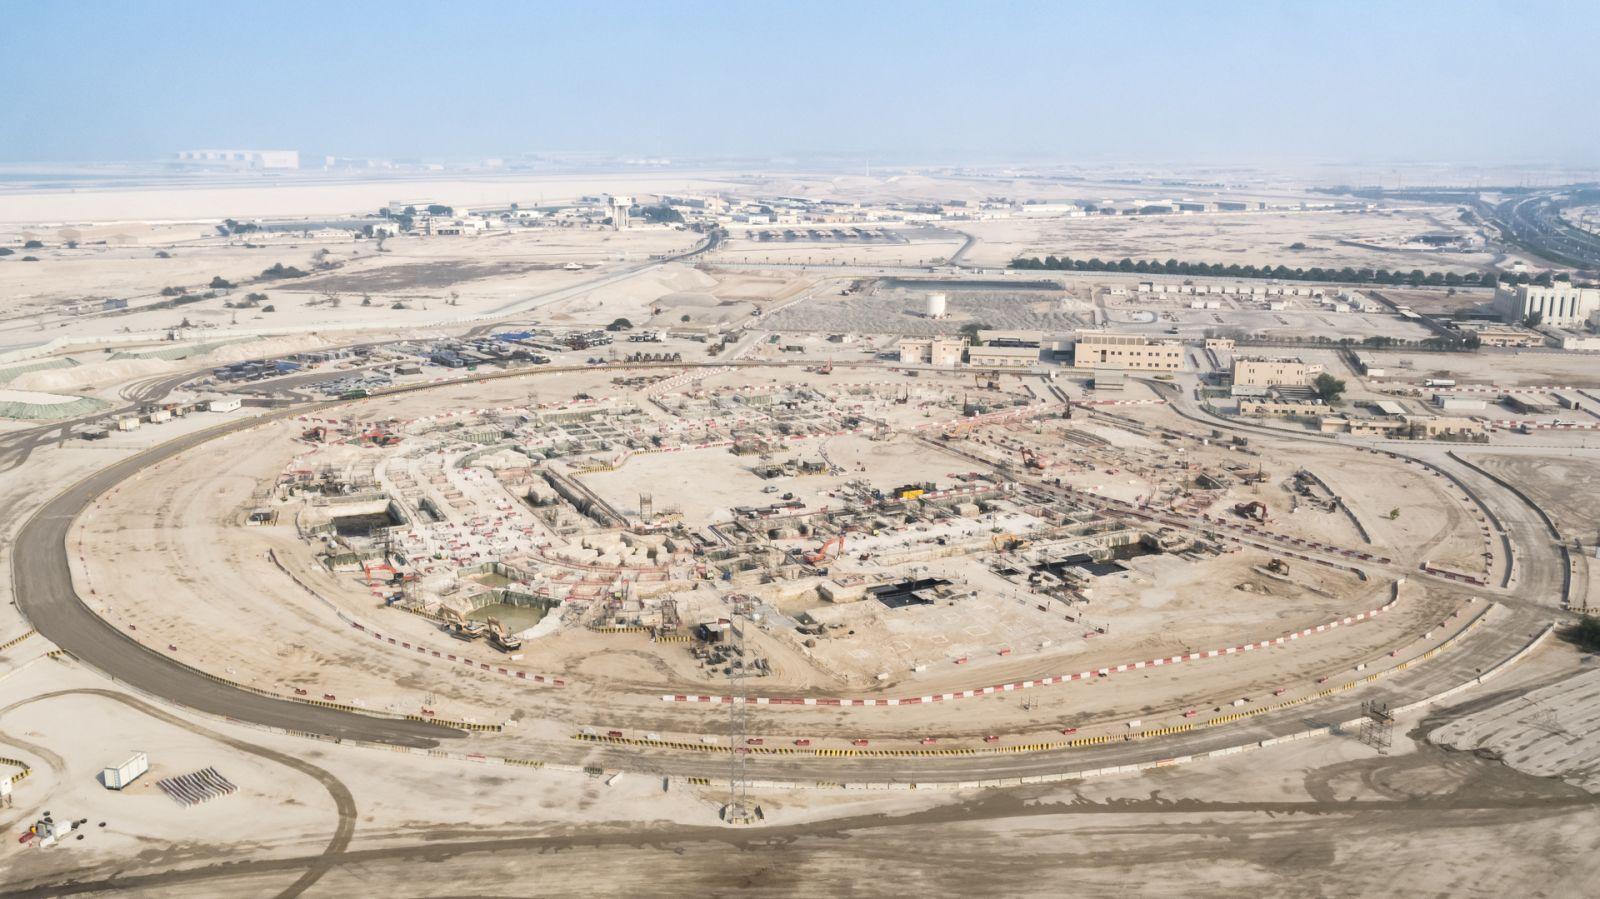 بدأ العد التنازلي لمونديال قطر: بواخر بحرية وخيام صحراوية للجماهير